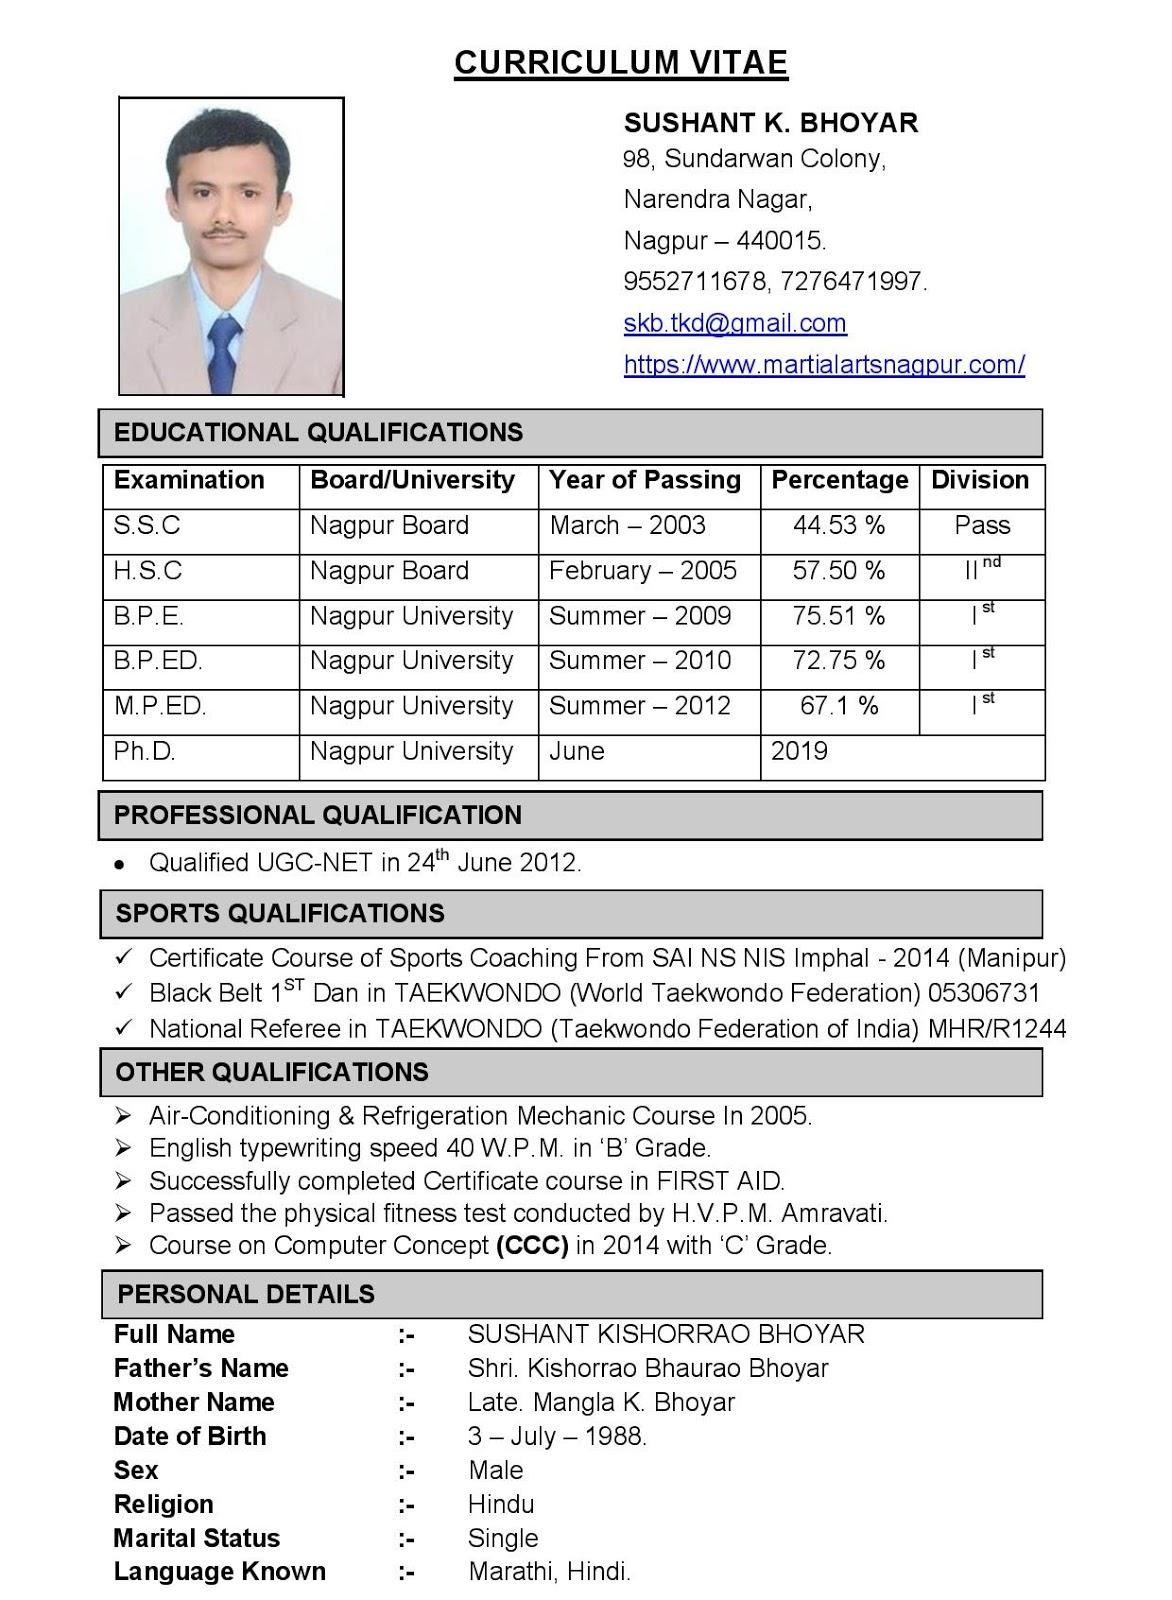 Sushant K Bhoyar Info